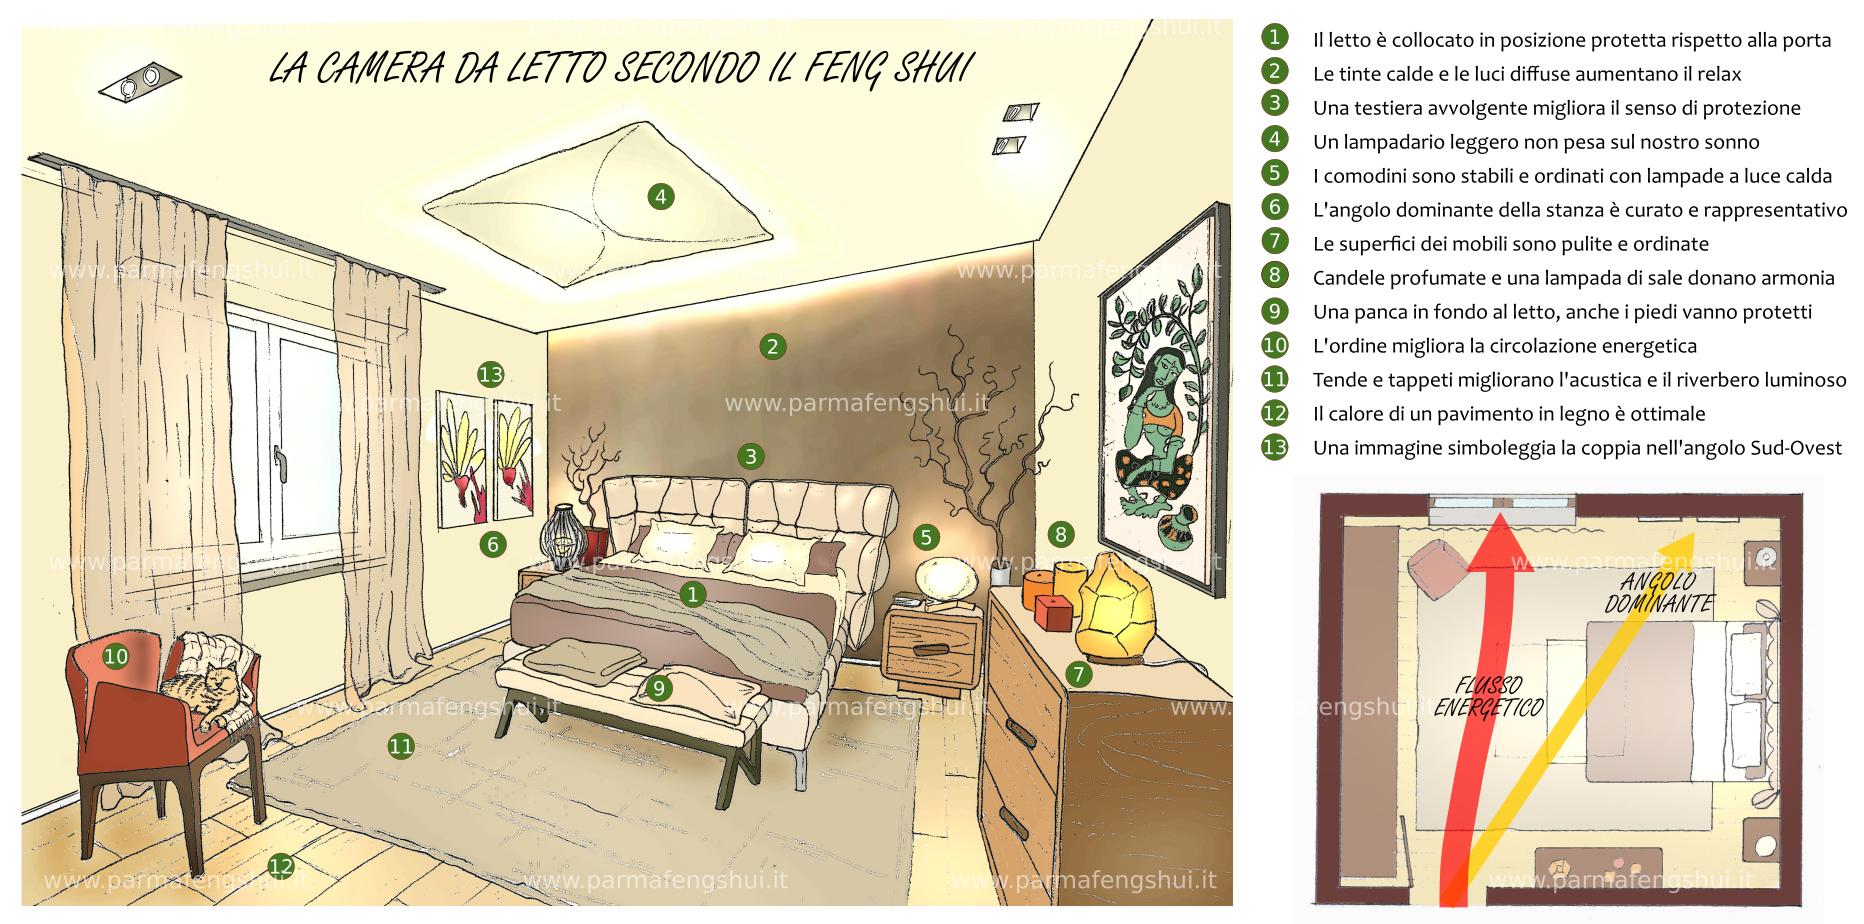 La camera da letto parma feng shui - Camera da letto feng shui ...